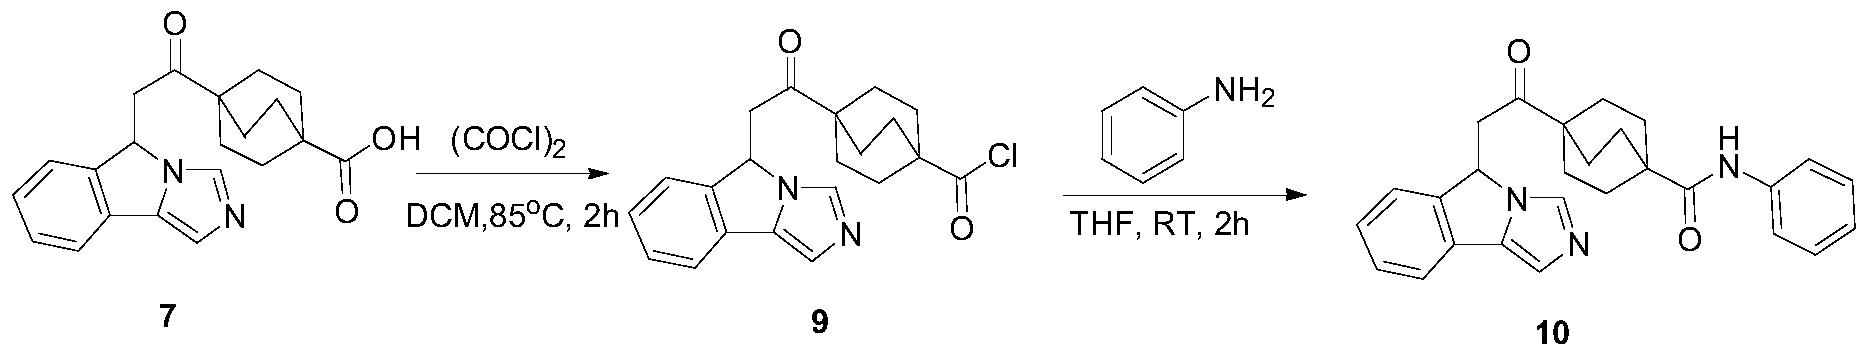 Figure PCTCN2017084604-appb-000281